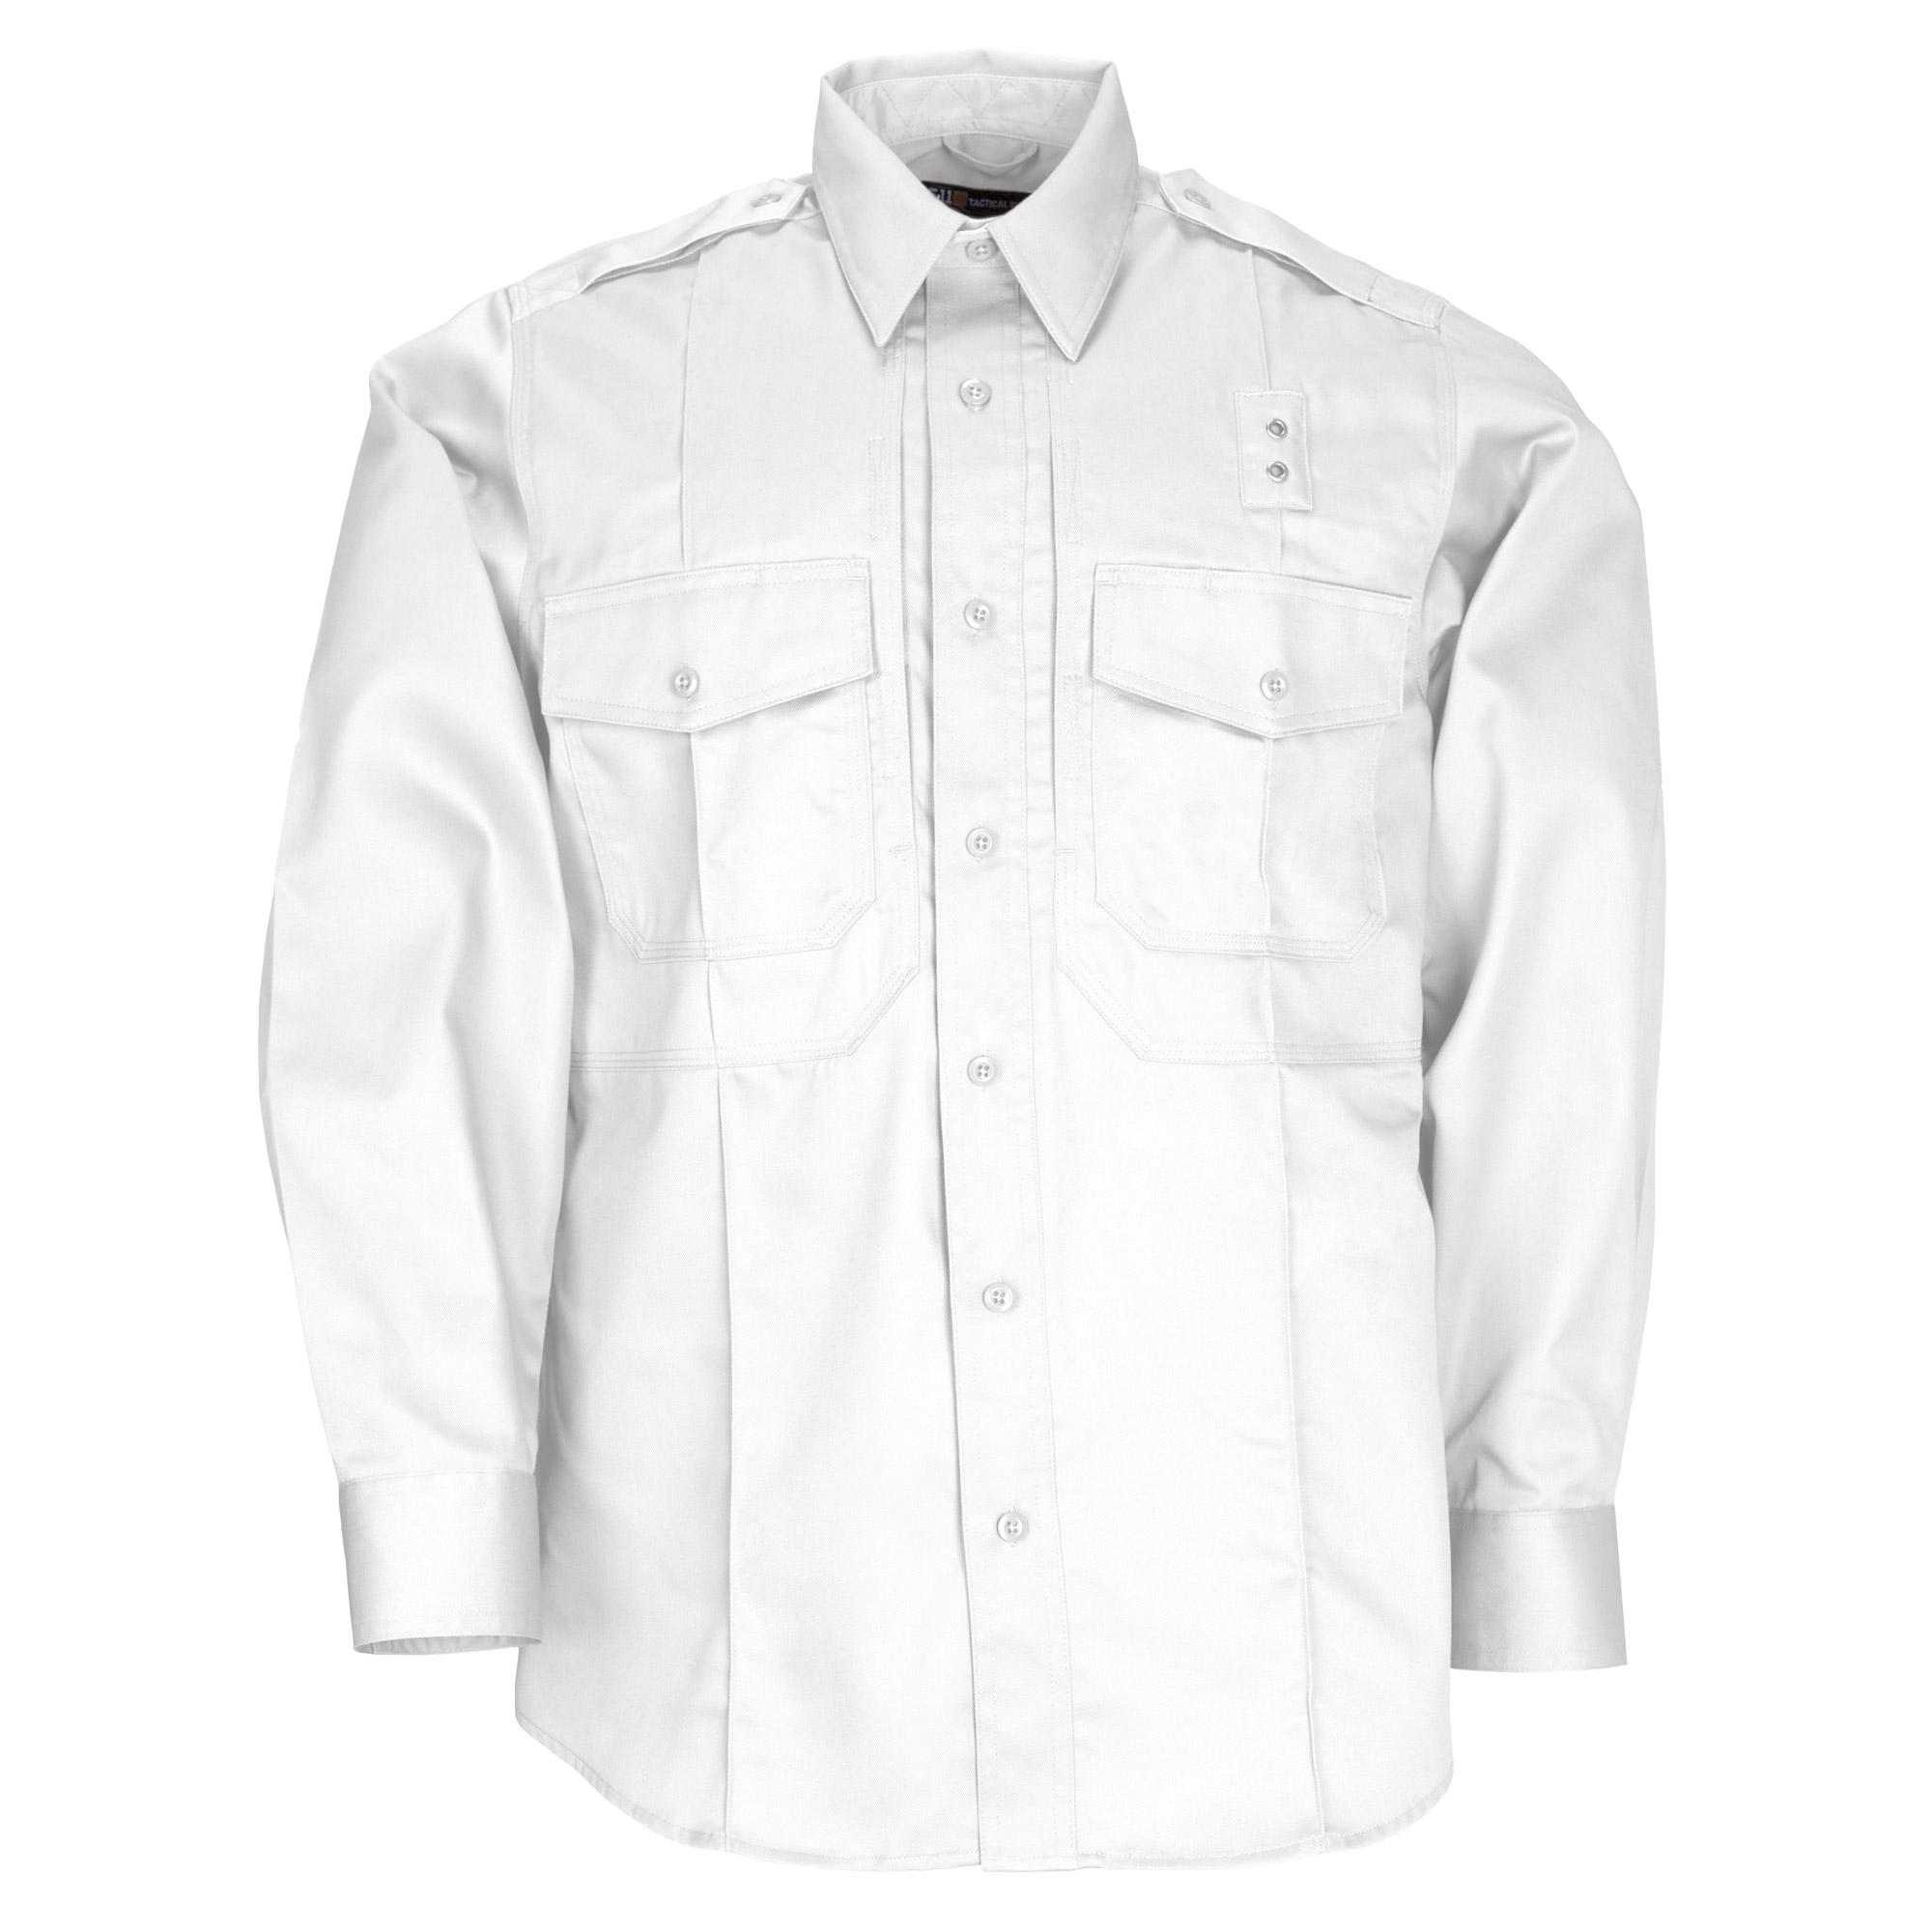 Men's PDU L/S Twill Class B Uniform Shirt